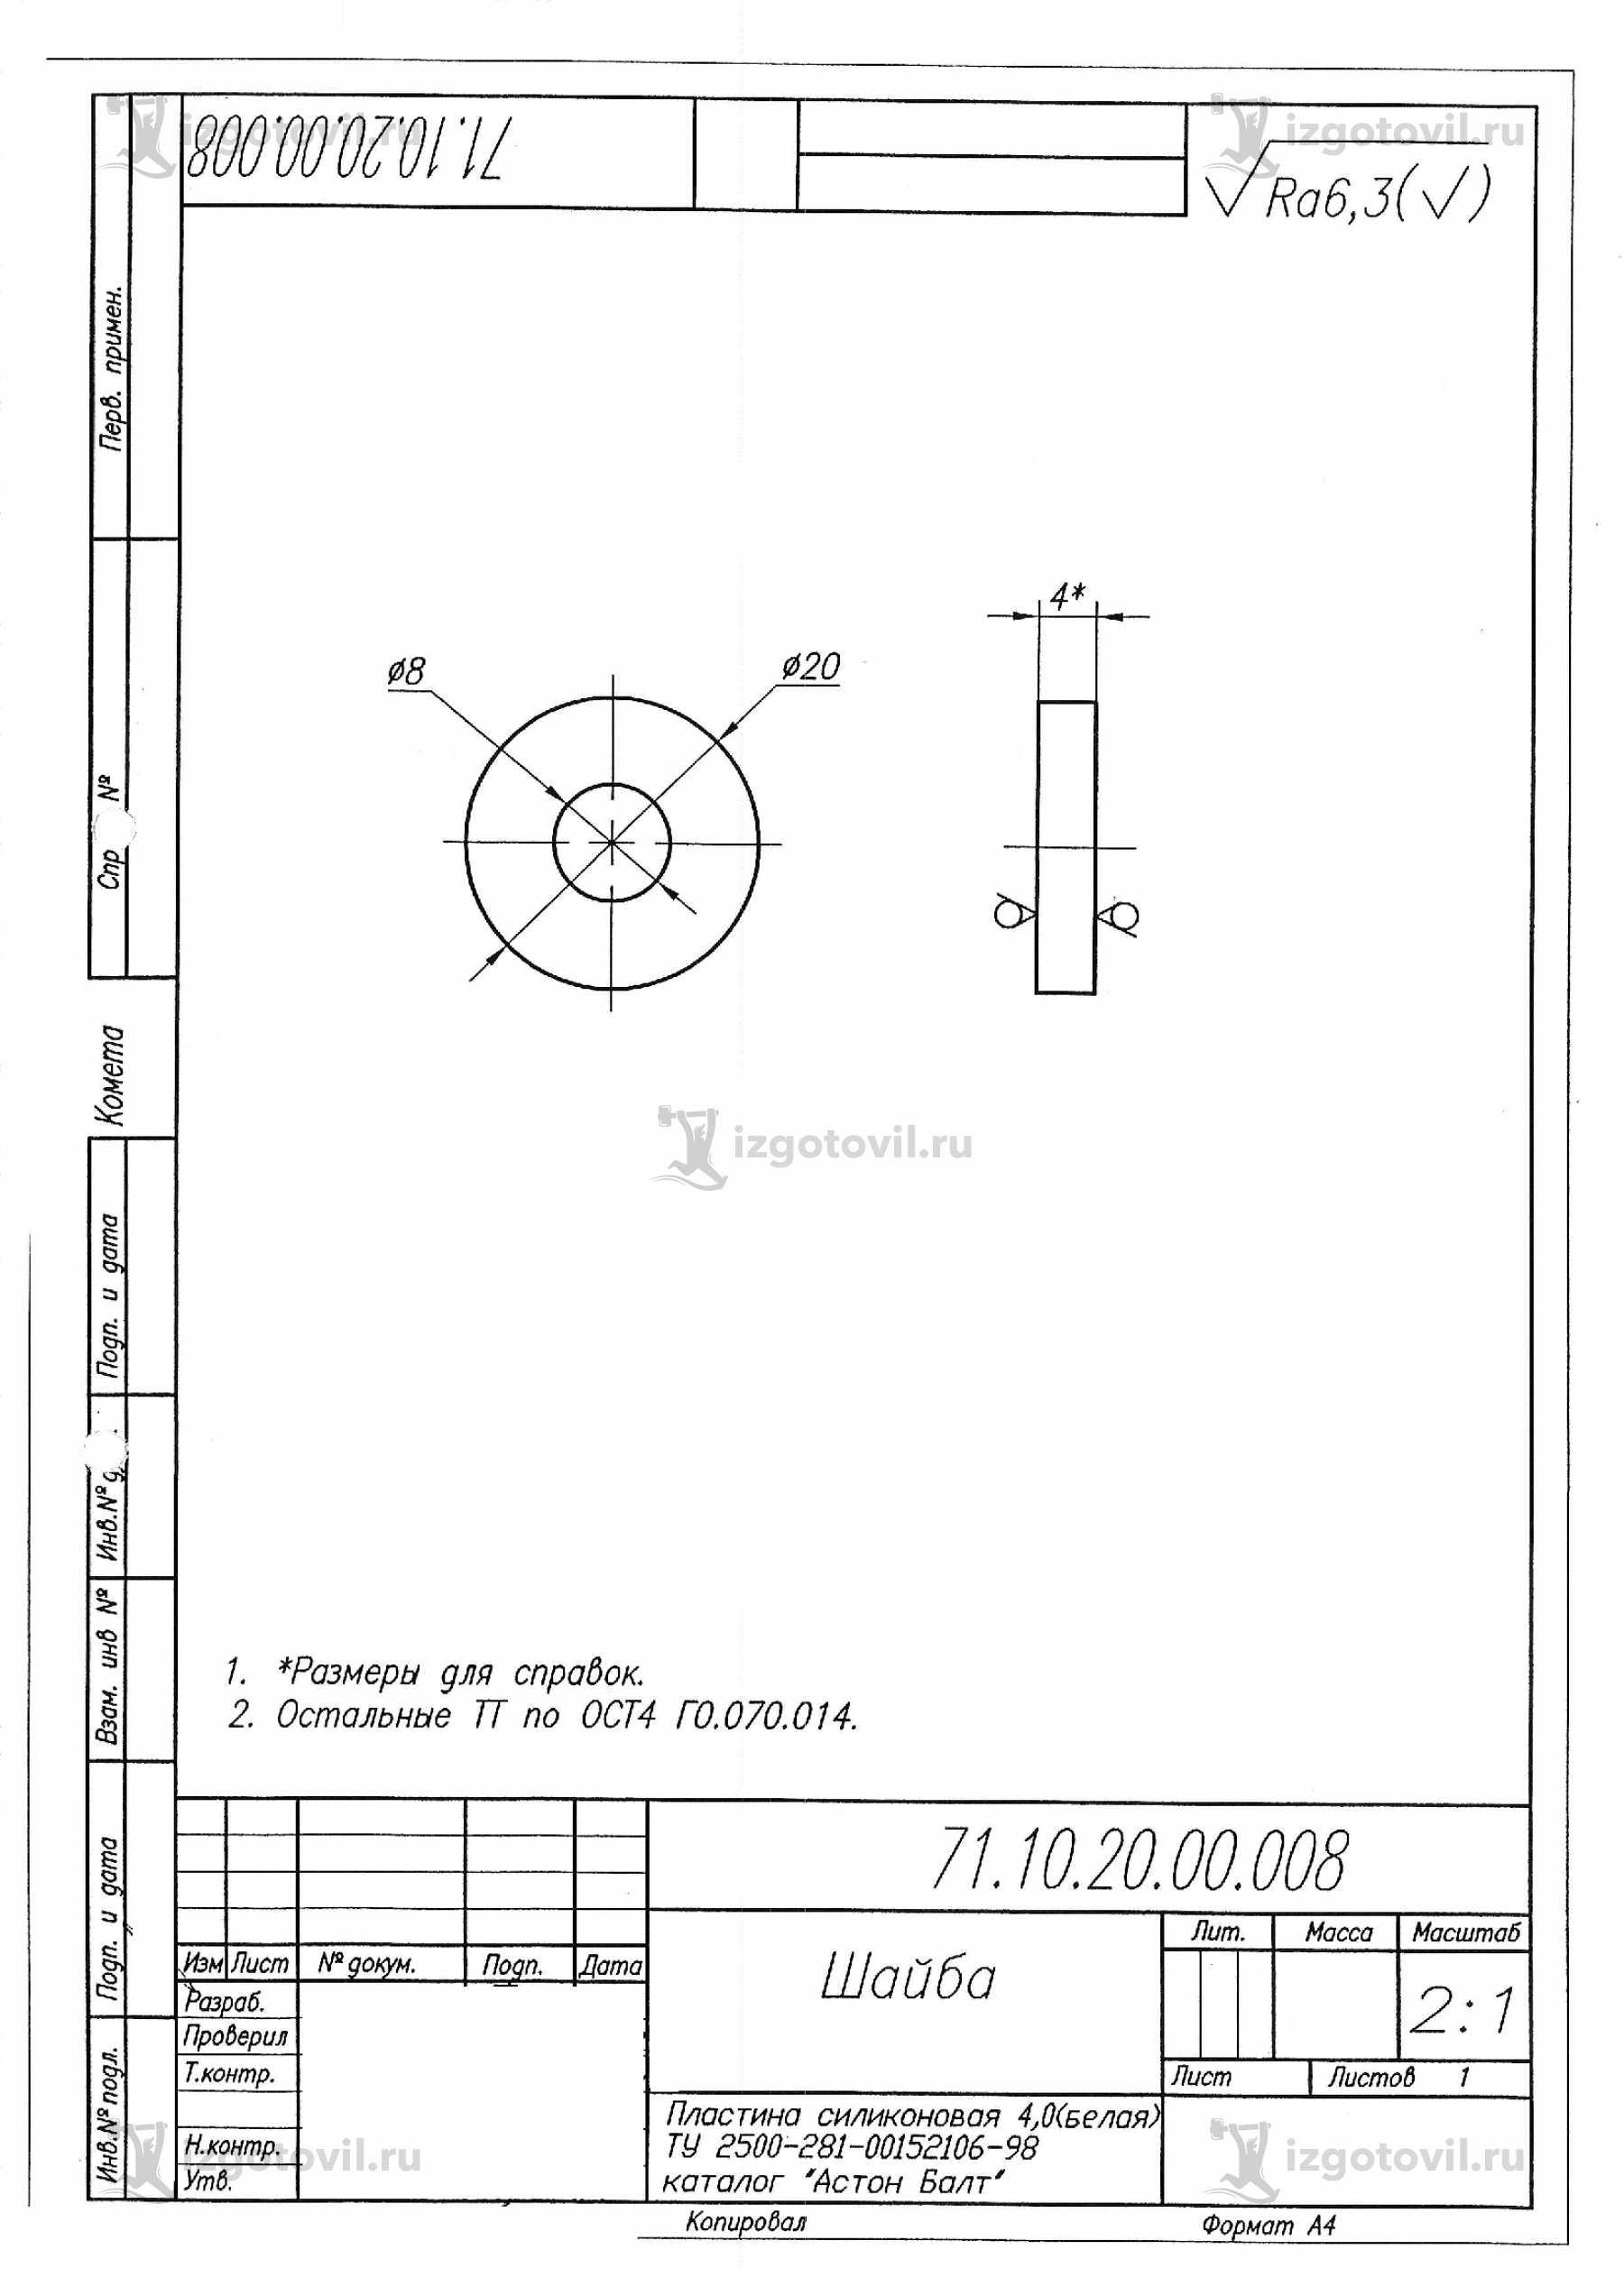 Токарная обработка деталей- изготовление осей, шпилек, шайб, труб и валов